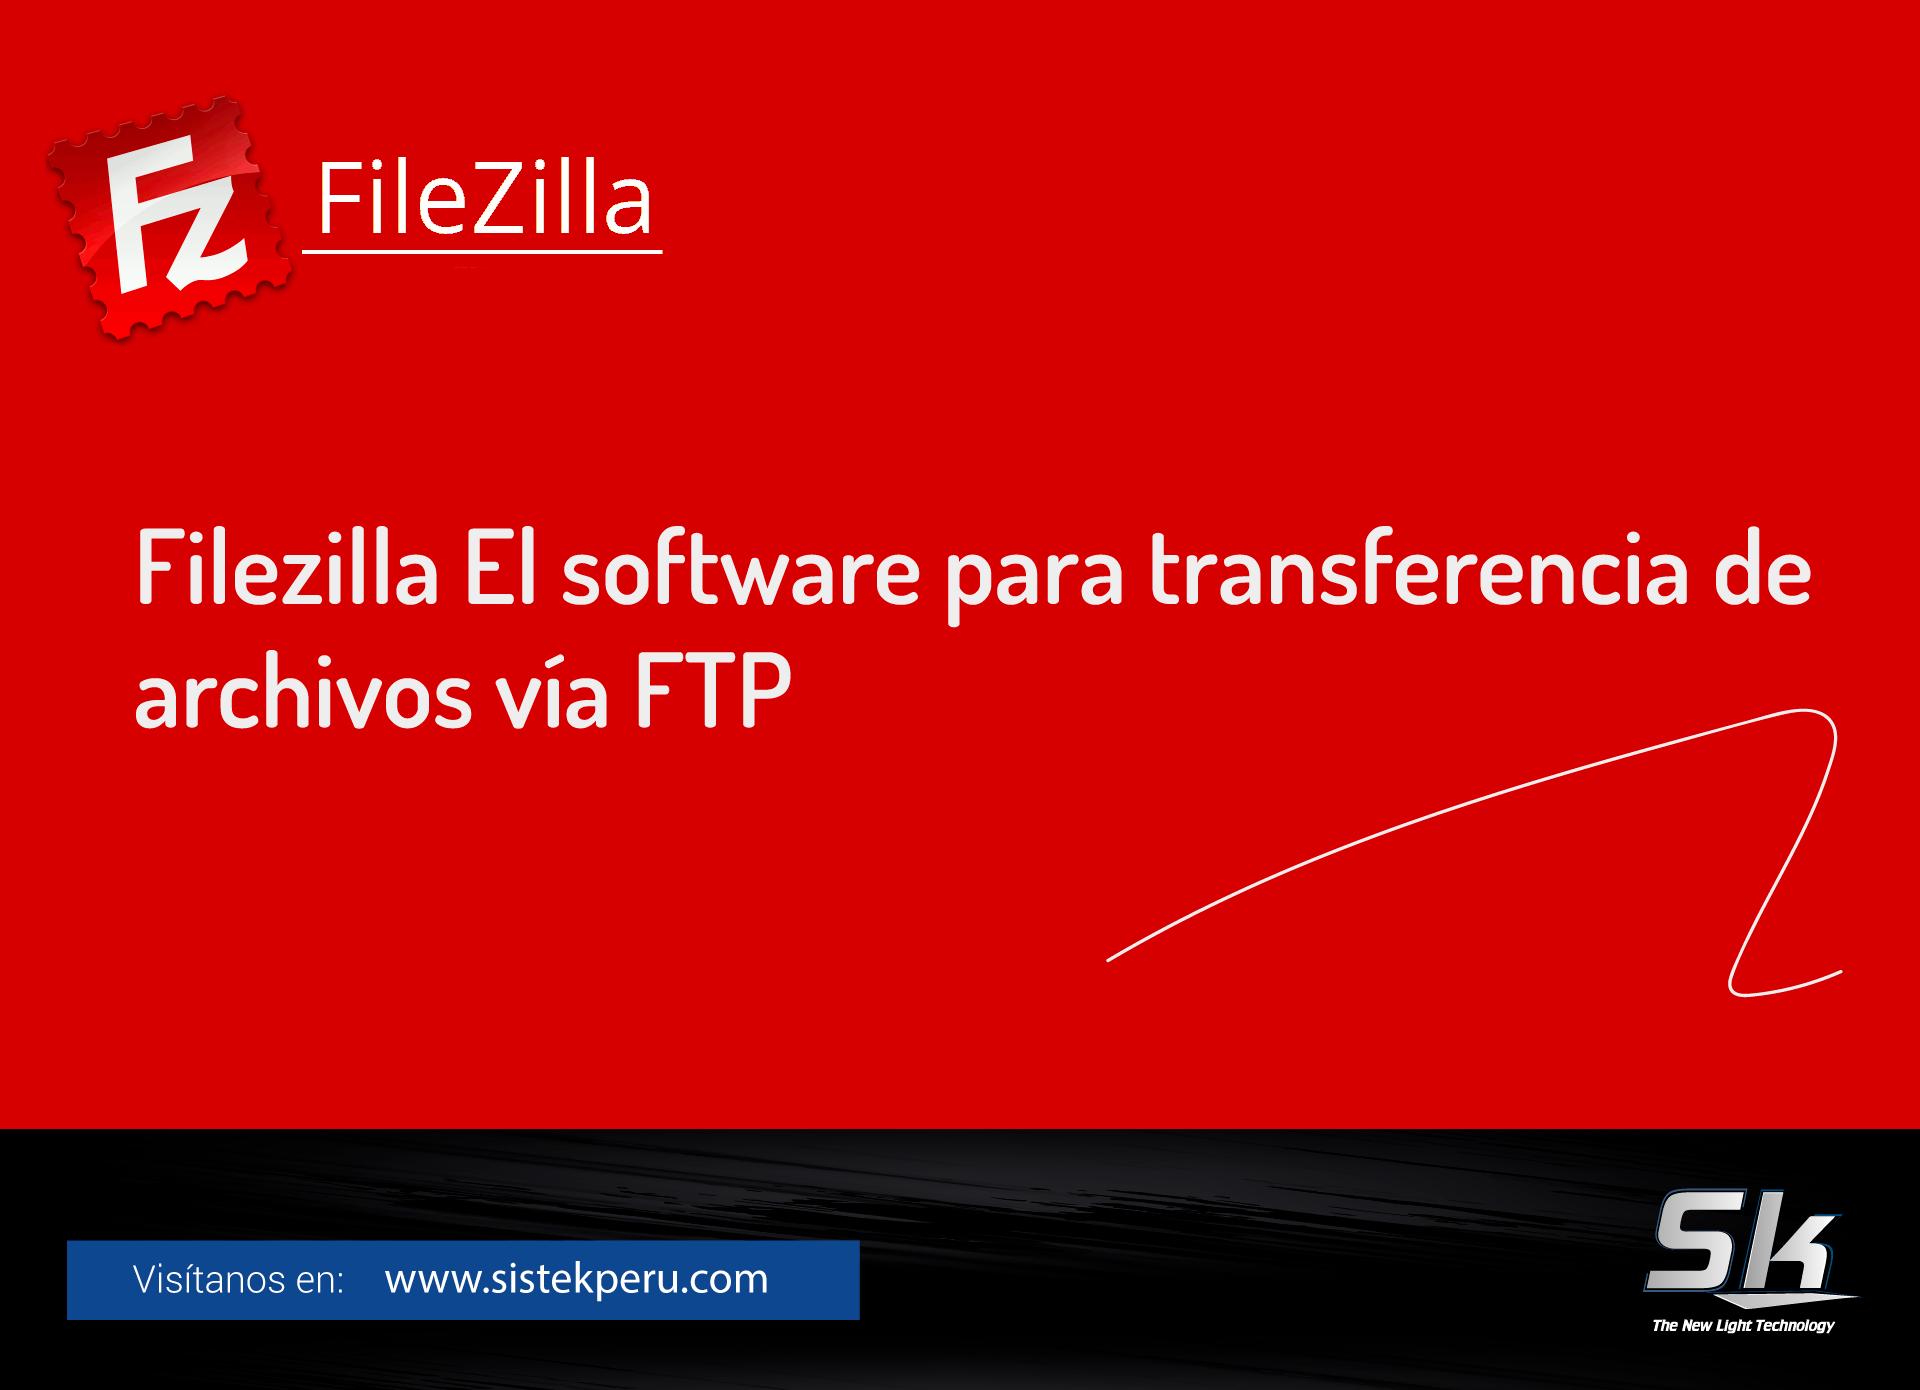 FileZilla el software para transferencia de archivos